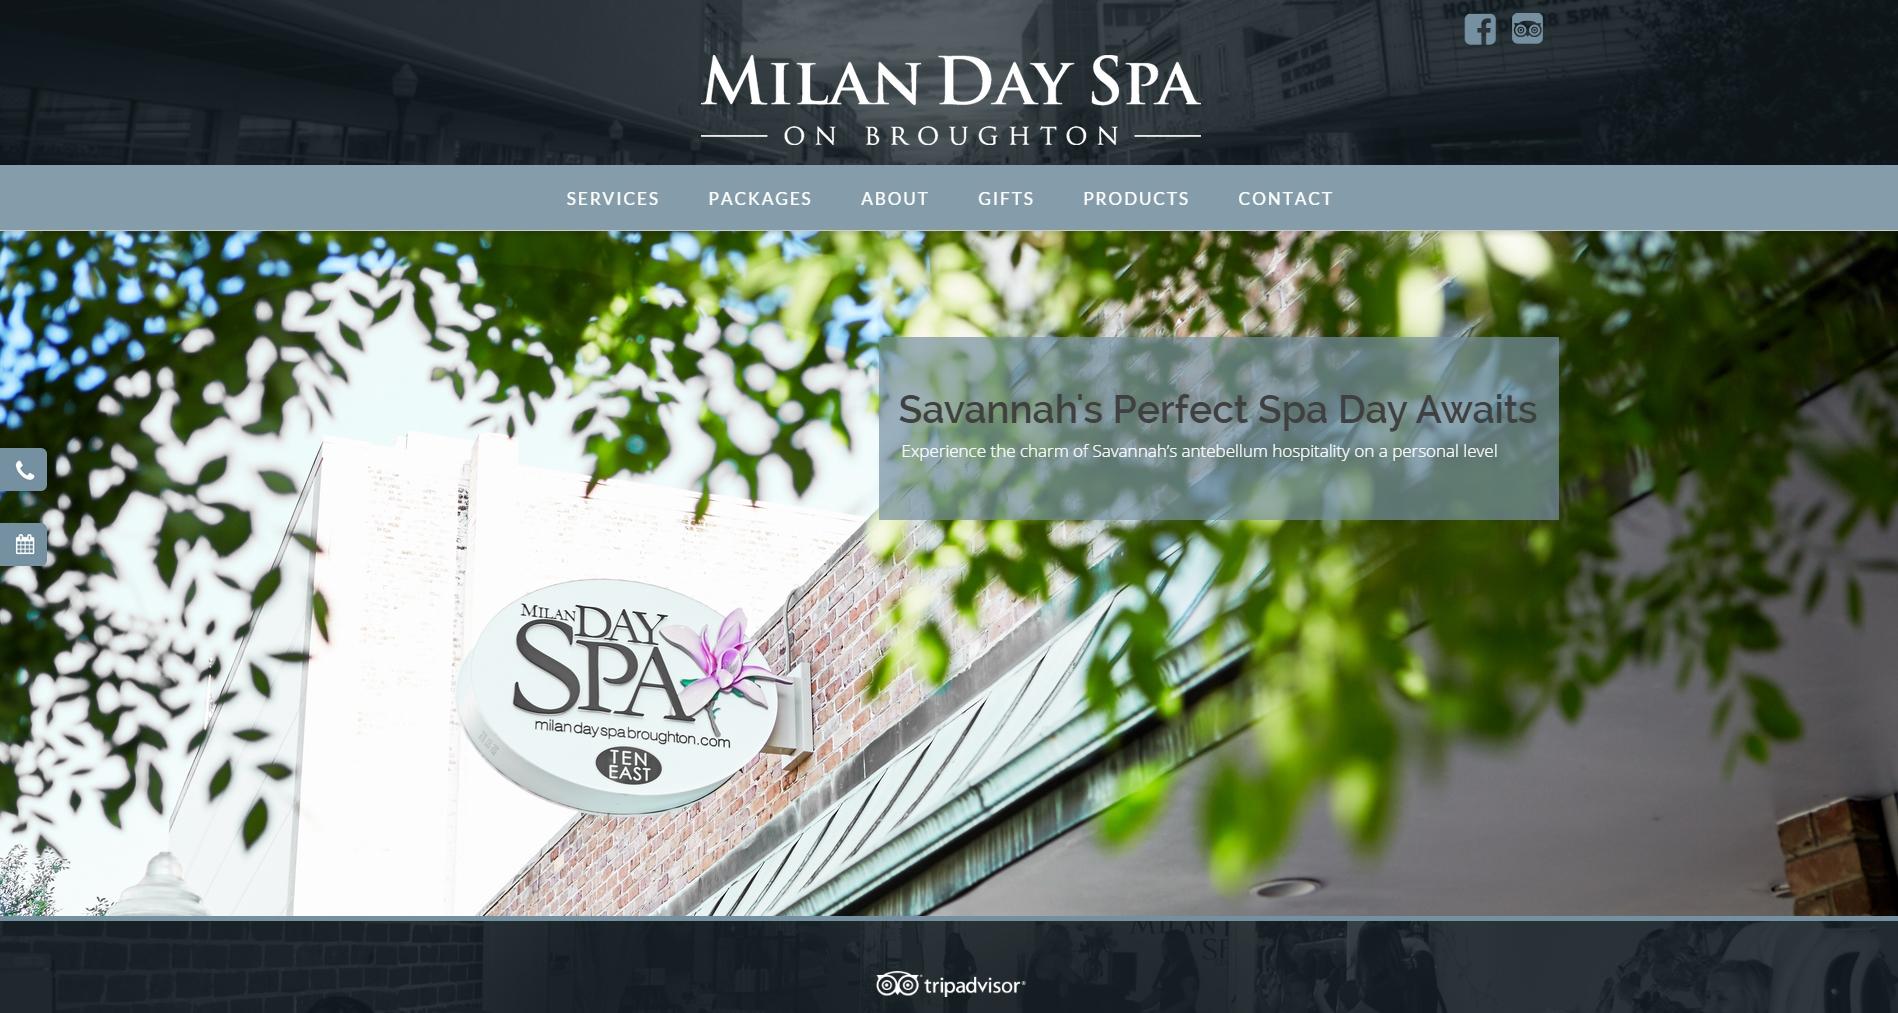 Milan Day Spa